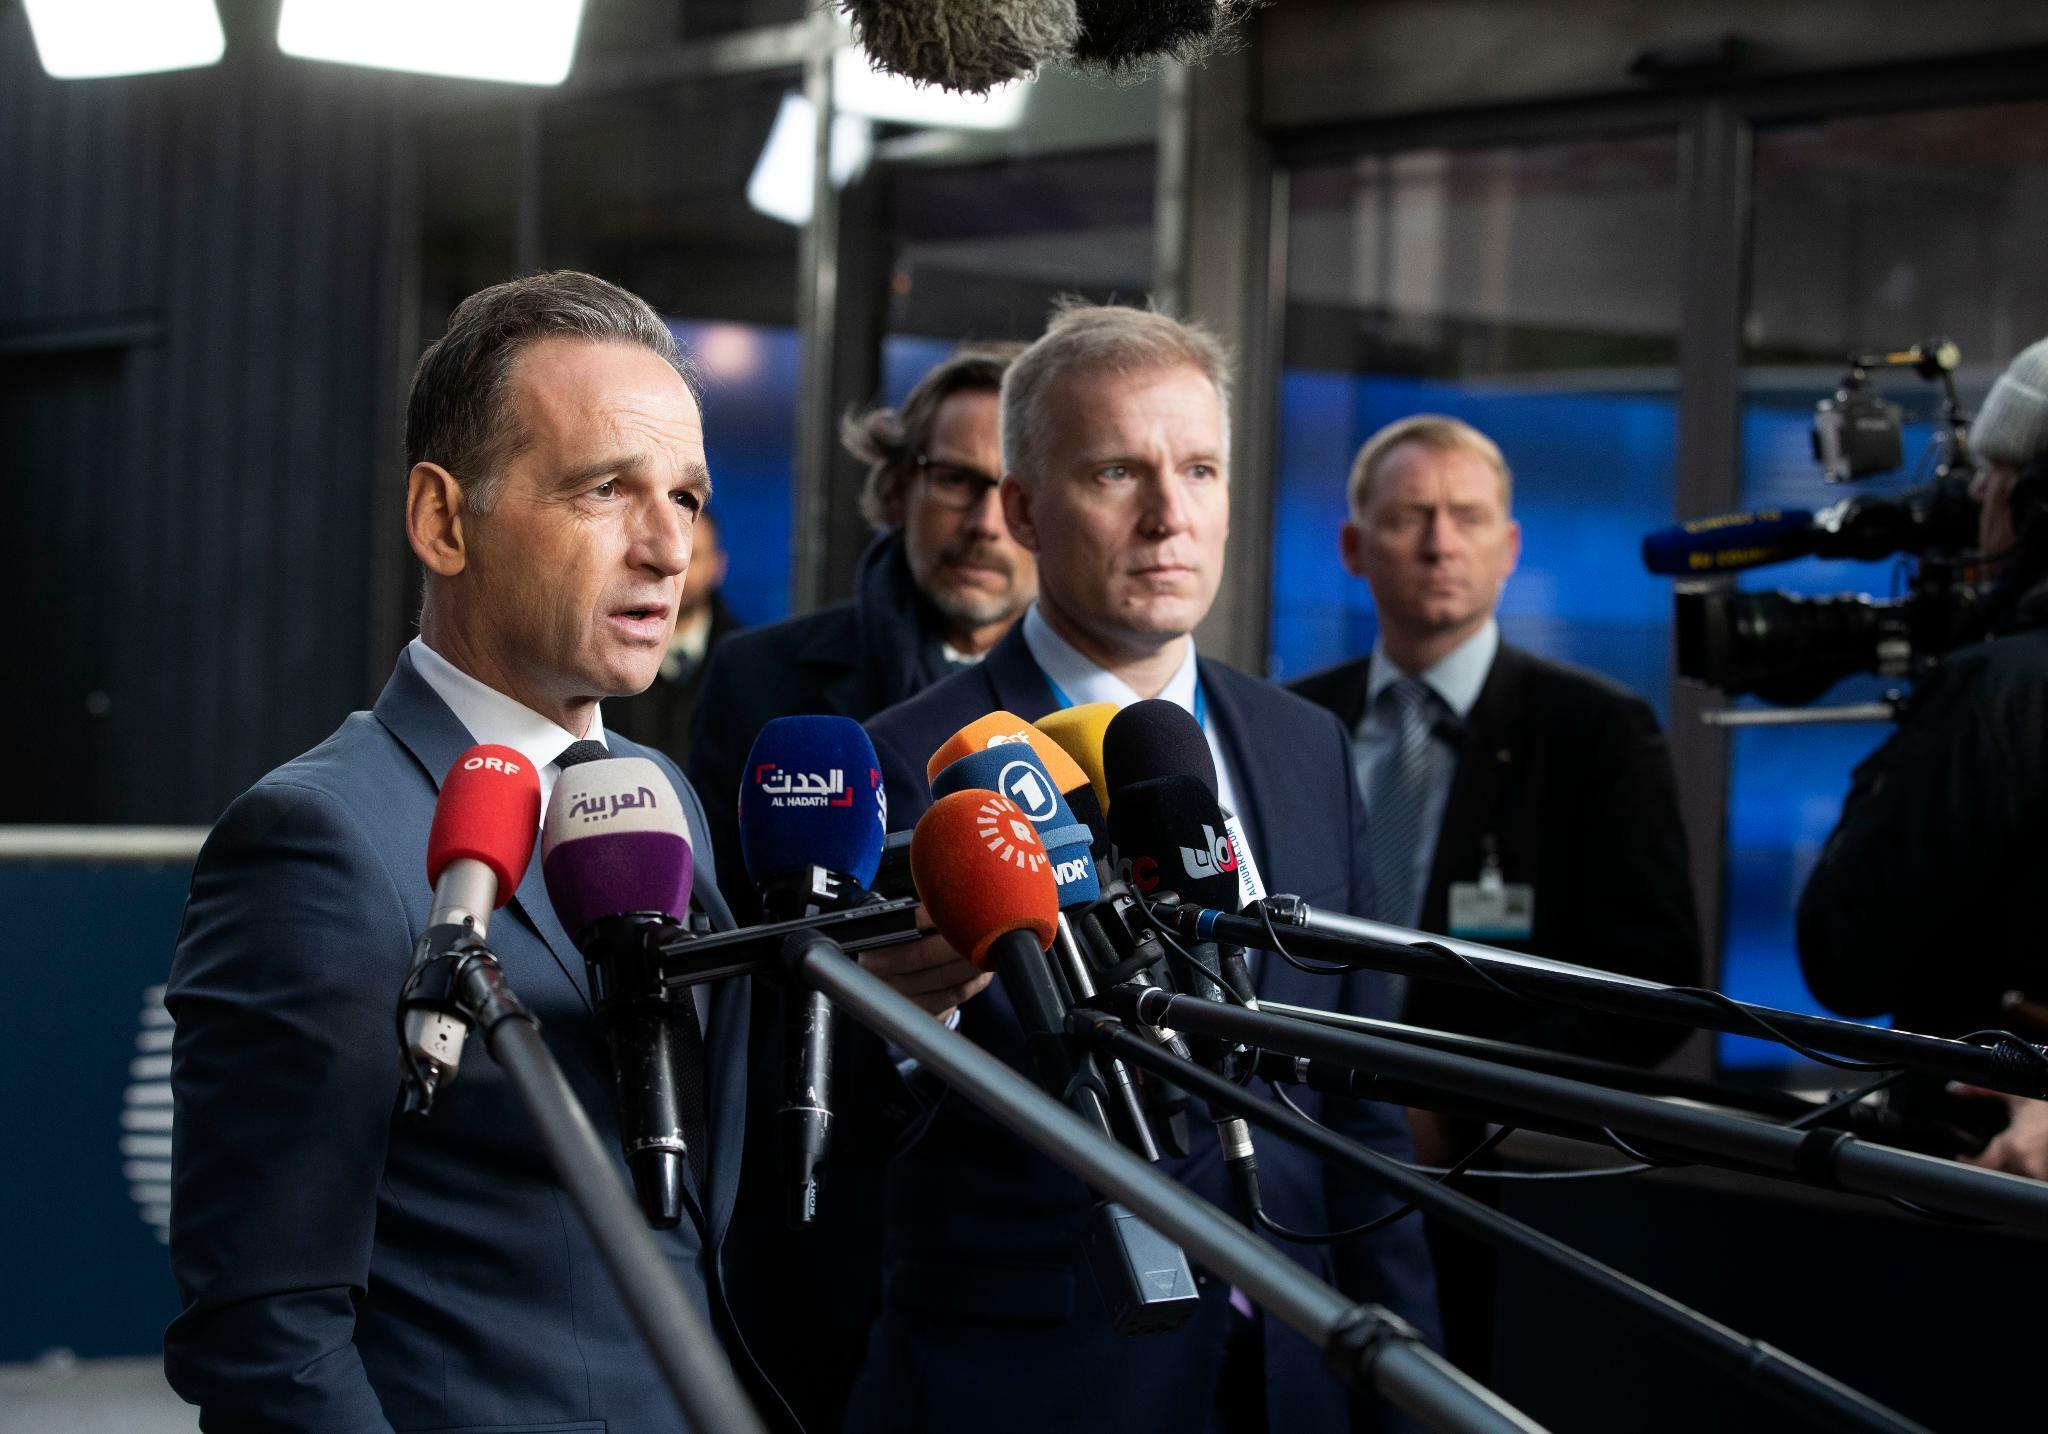 Gemeinsame Erklärung: Deutschland, Frankreich und Großbritannien drängen Iran zu Rückkehr zum Atomabkommen